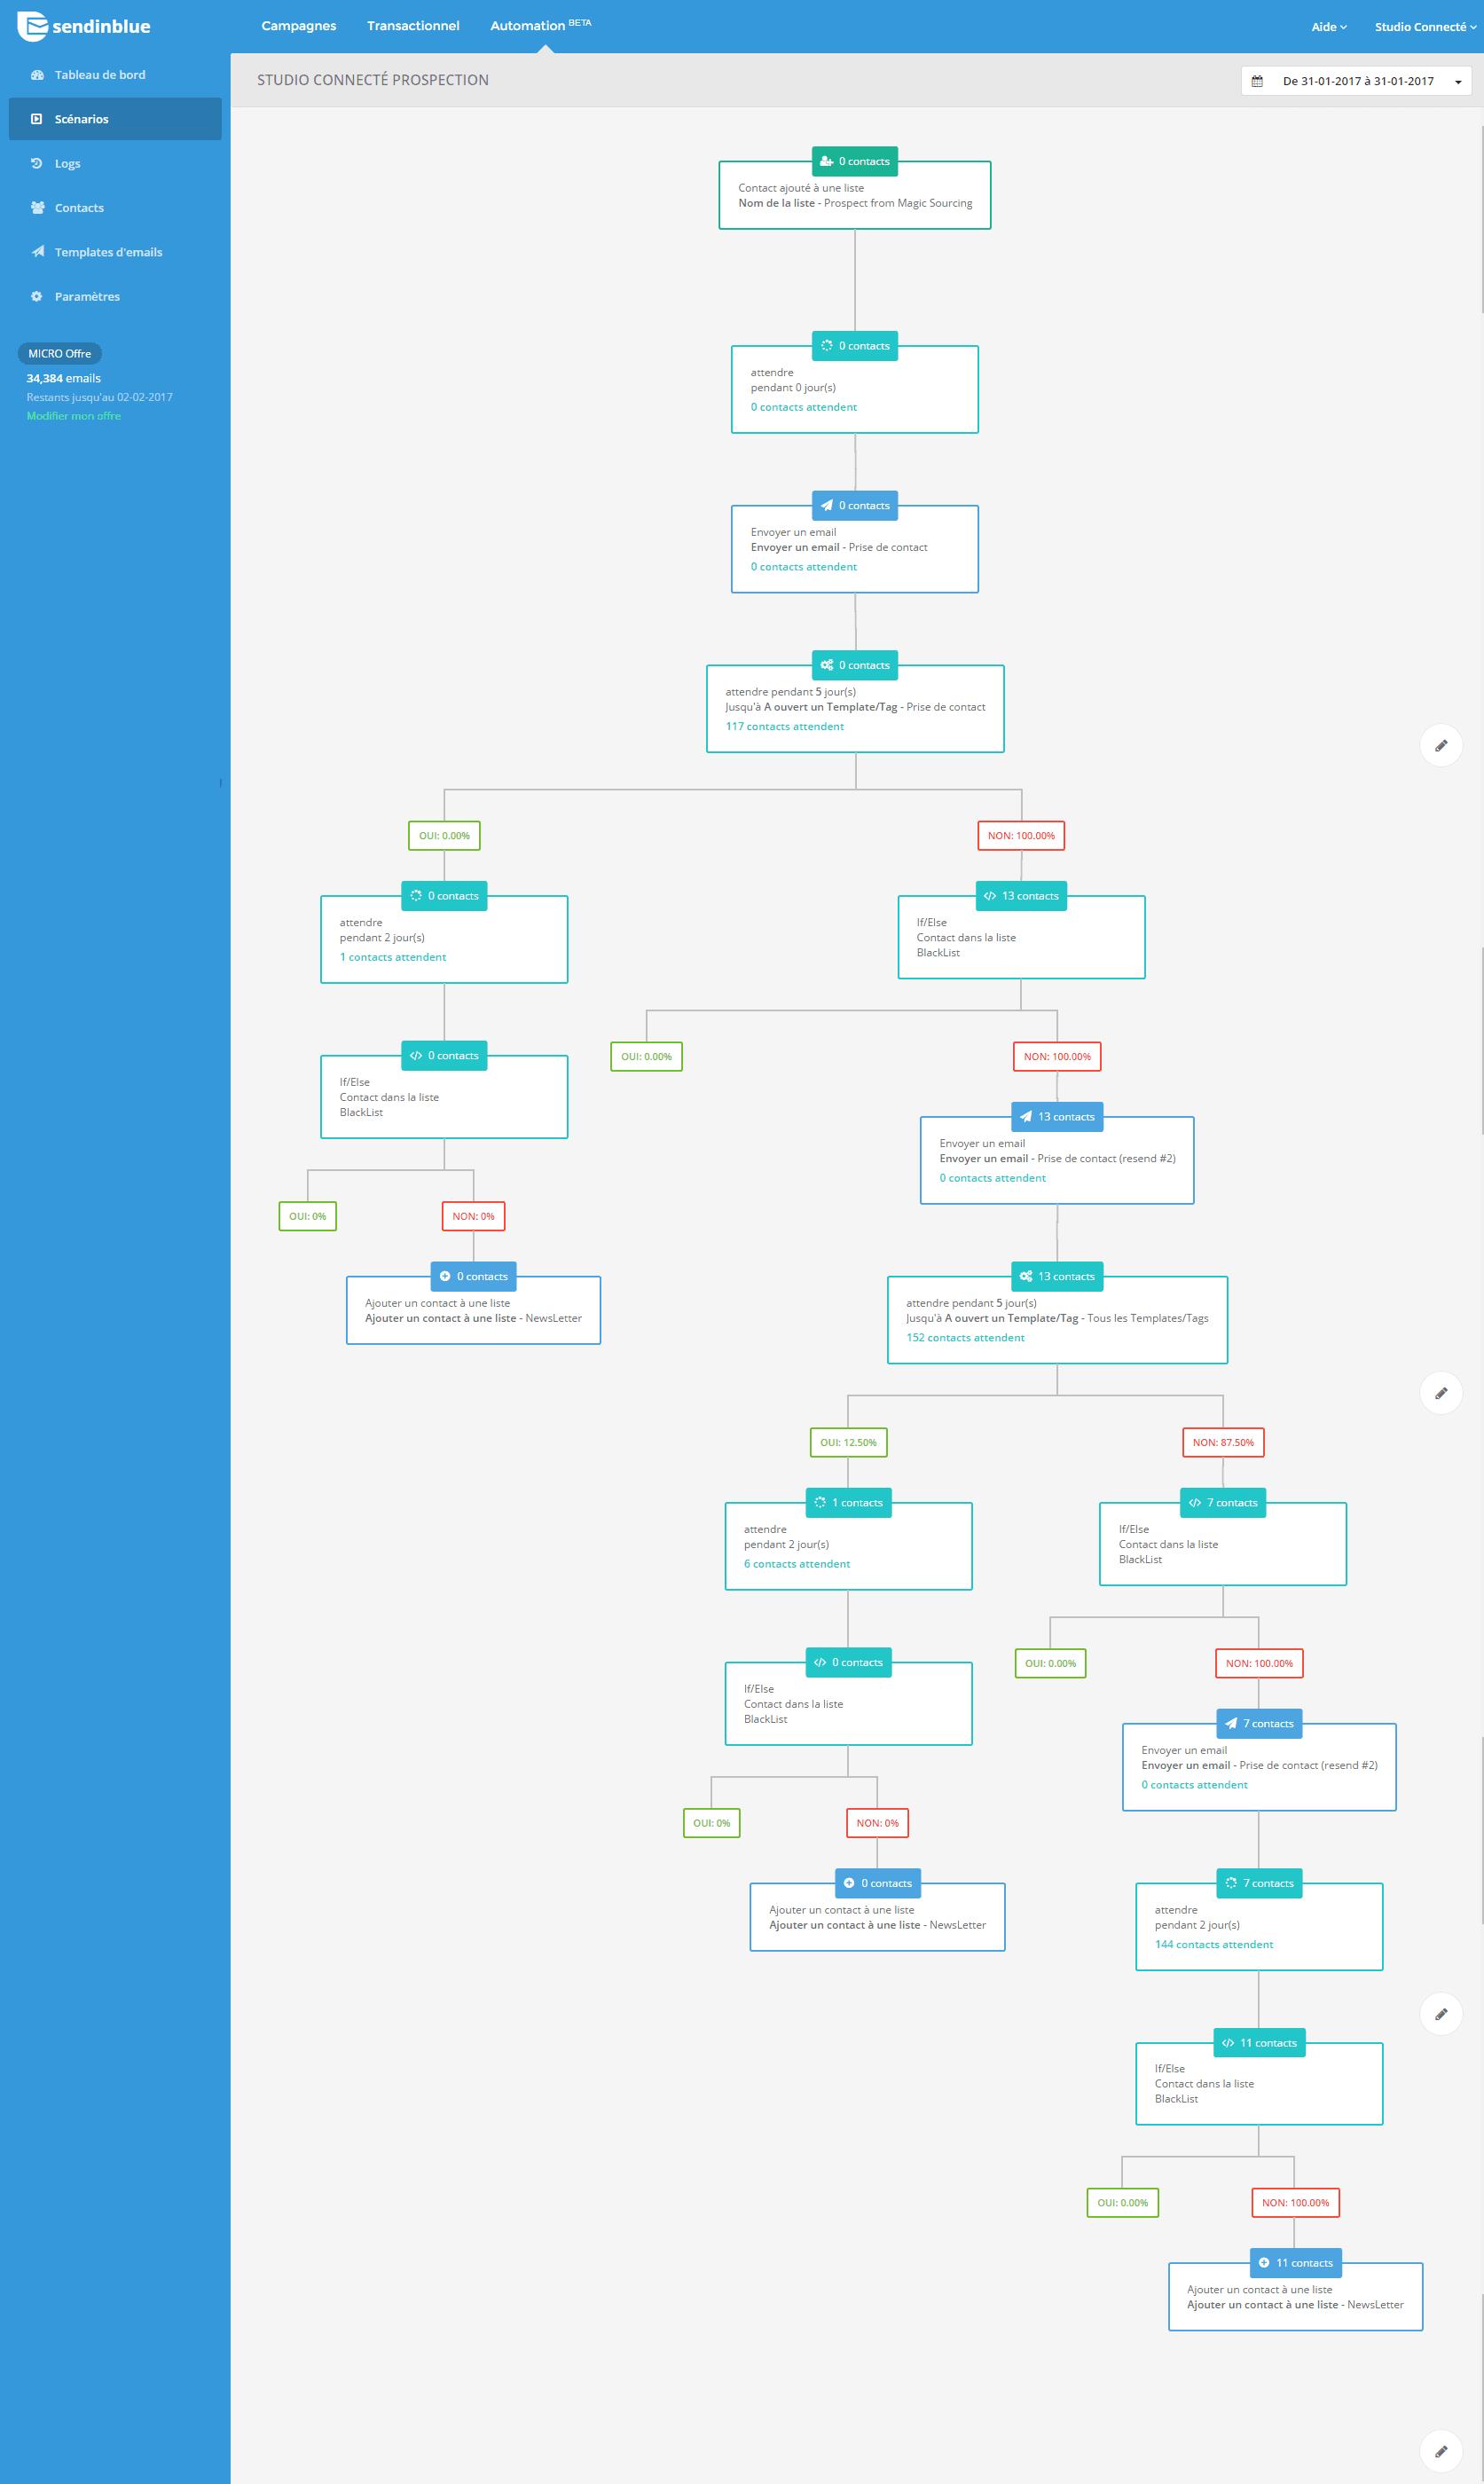 studioconnecte scenario email